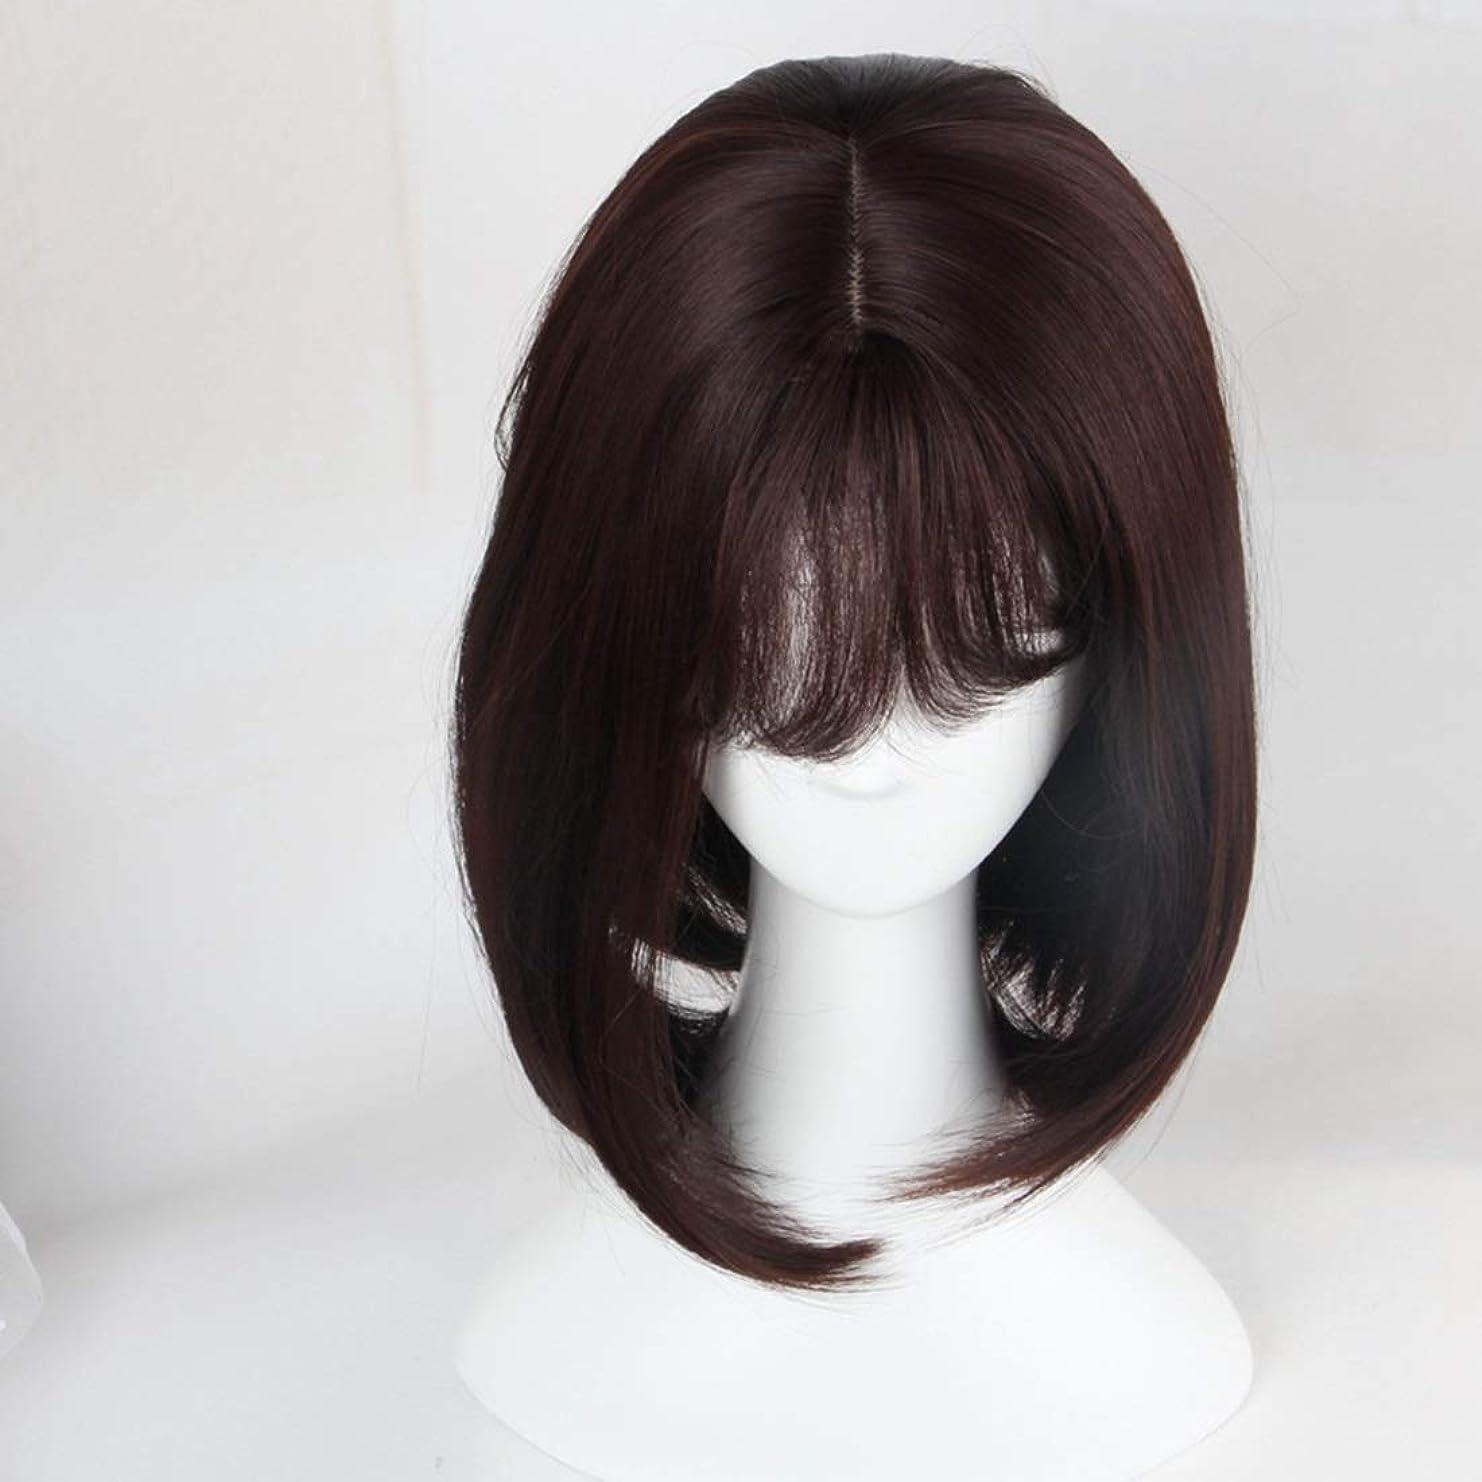 討論期待して利用可能Koloeplf 35cmミディアムロングウィッグボボストレートヘアふわふわフェイスエアバンウィッグ (Color : Natural black)